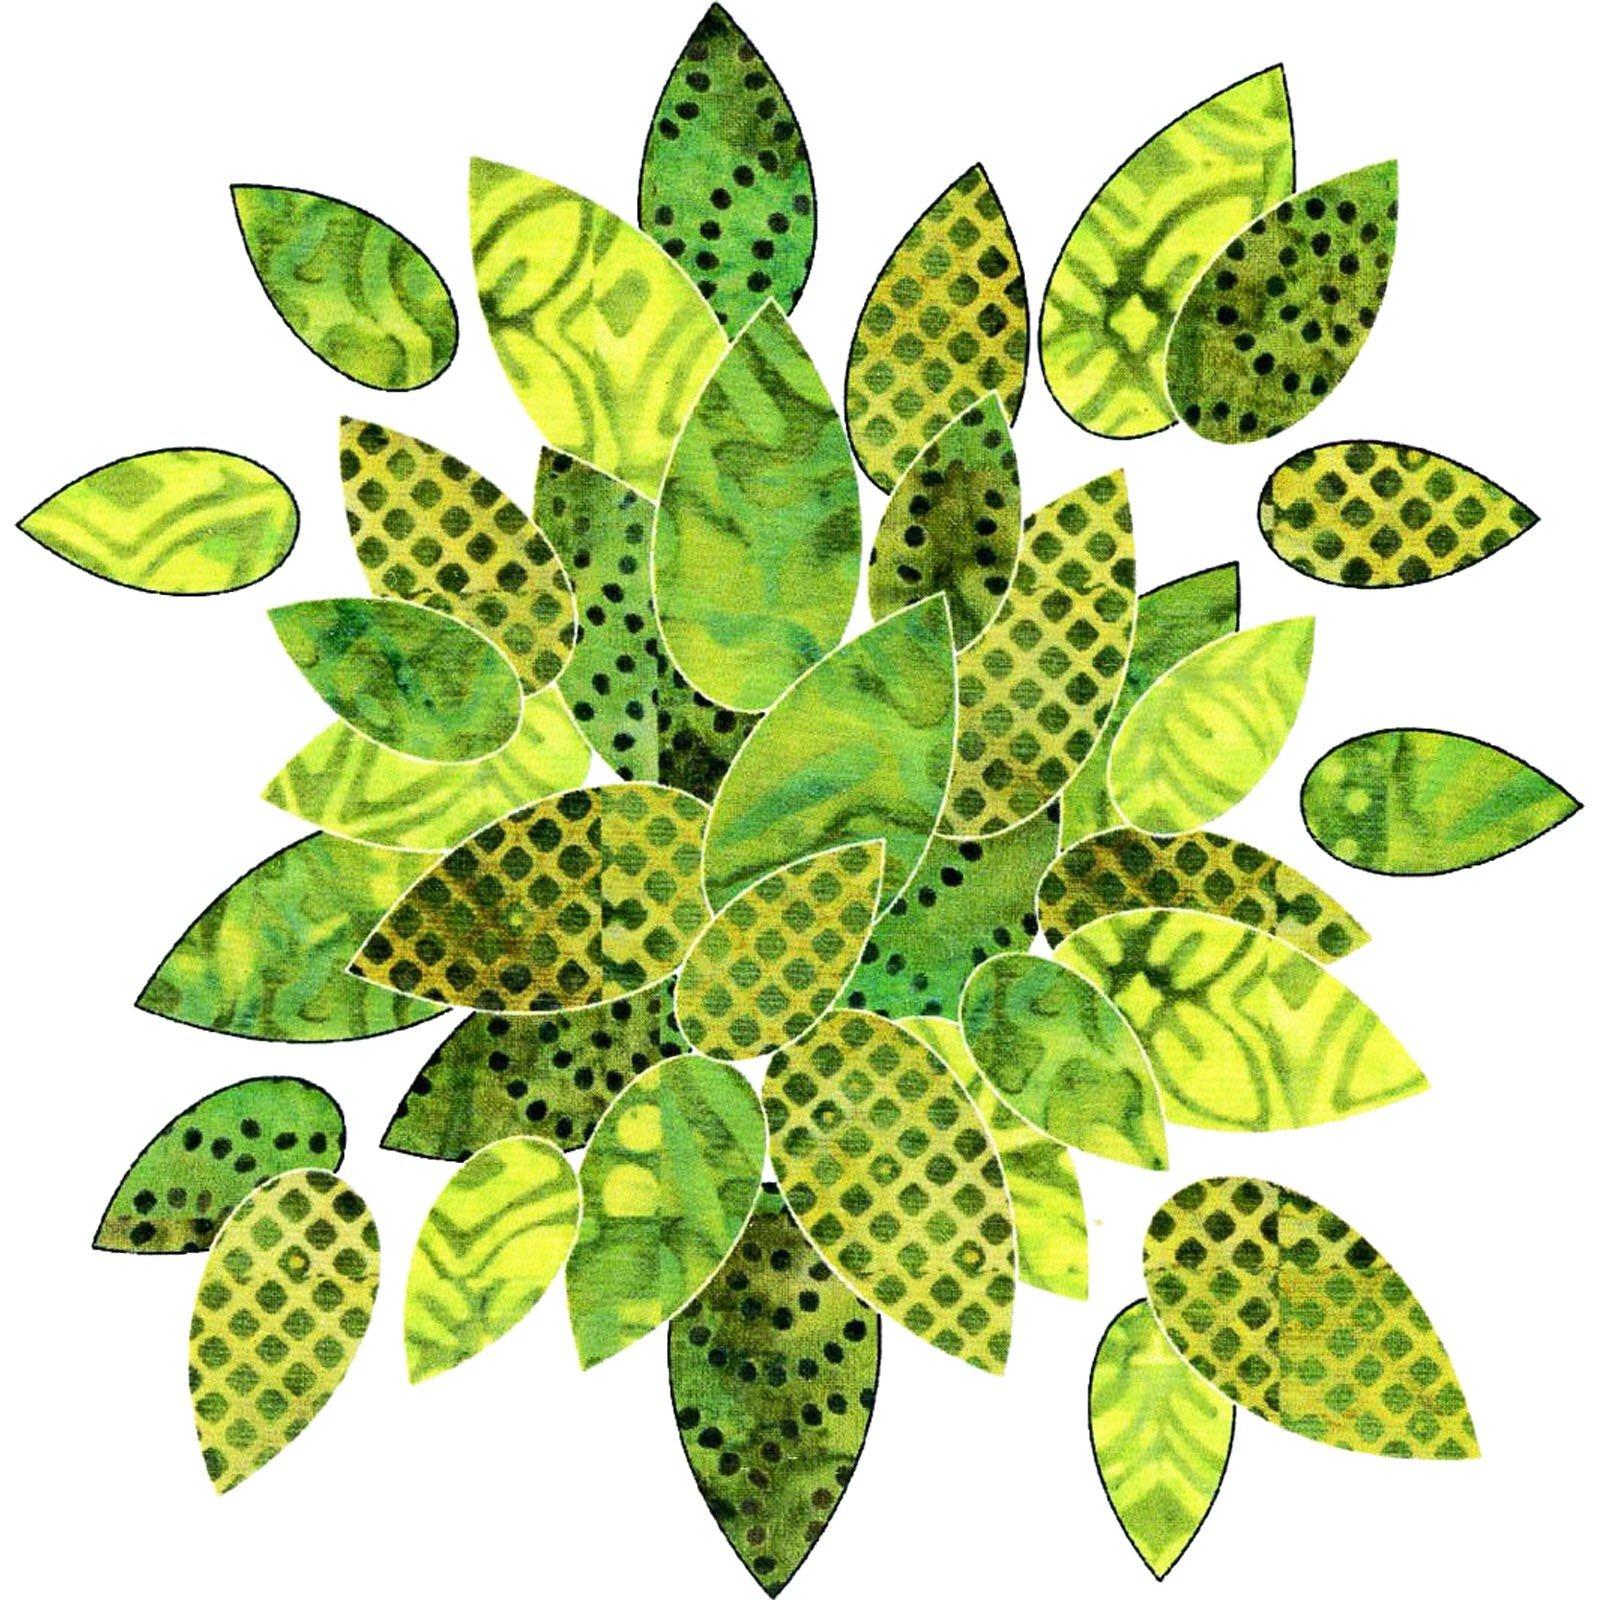 Bohemian Chic Leaves - Batik Set<br/>Applique Elementz 1022